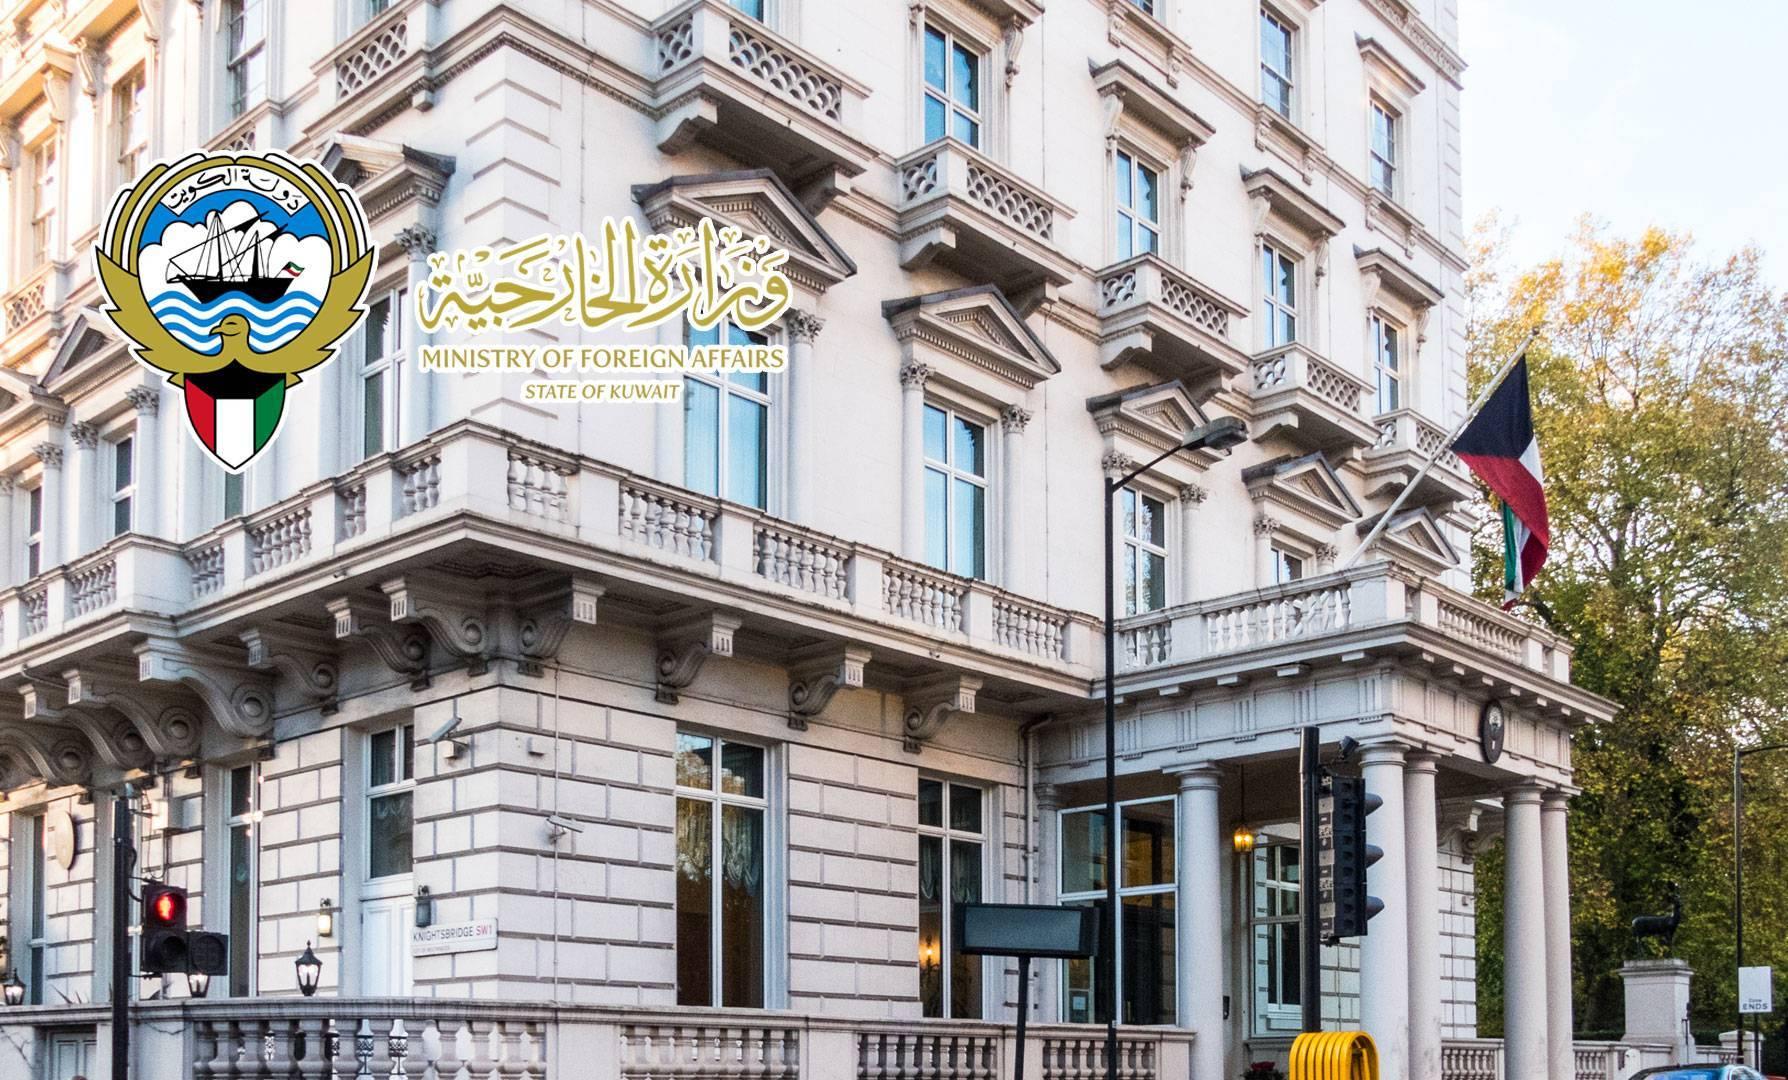 سفارة الكويت بلندن تحذر المواطنين من عمليات احتيال مالية